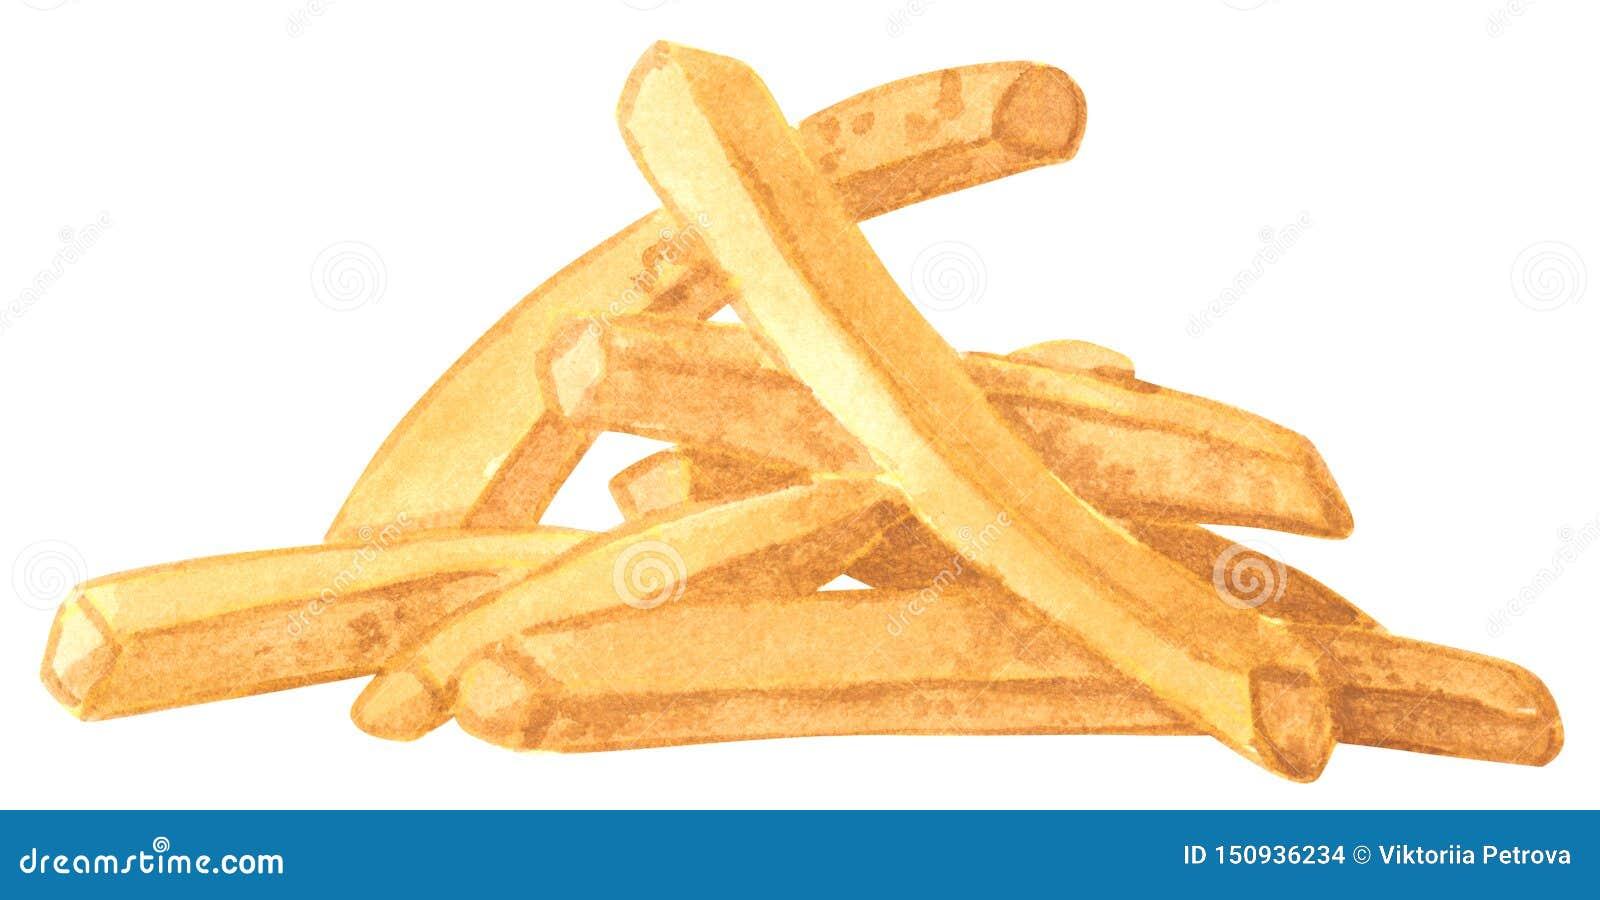 Γρήγορο γεύμα, τηγανιτές πατάτες, συρμένη χέρι απεικόνιση watercolor